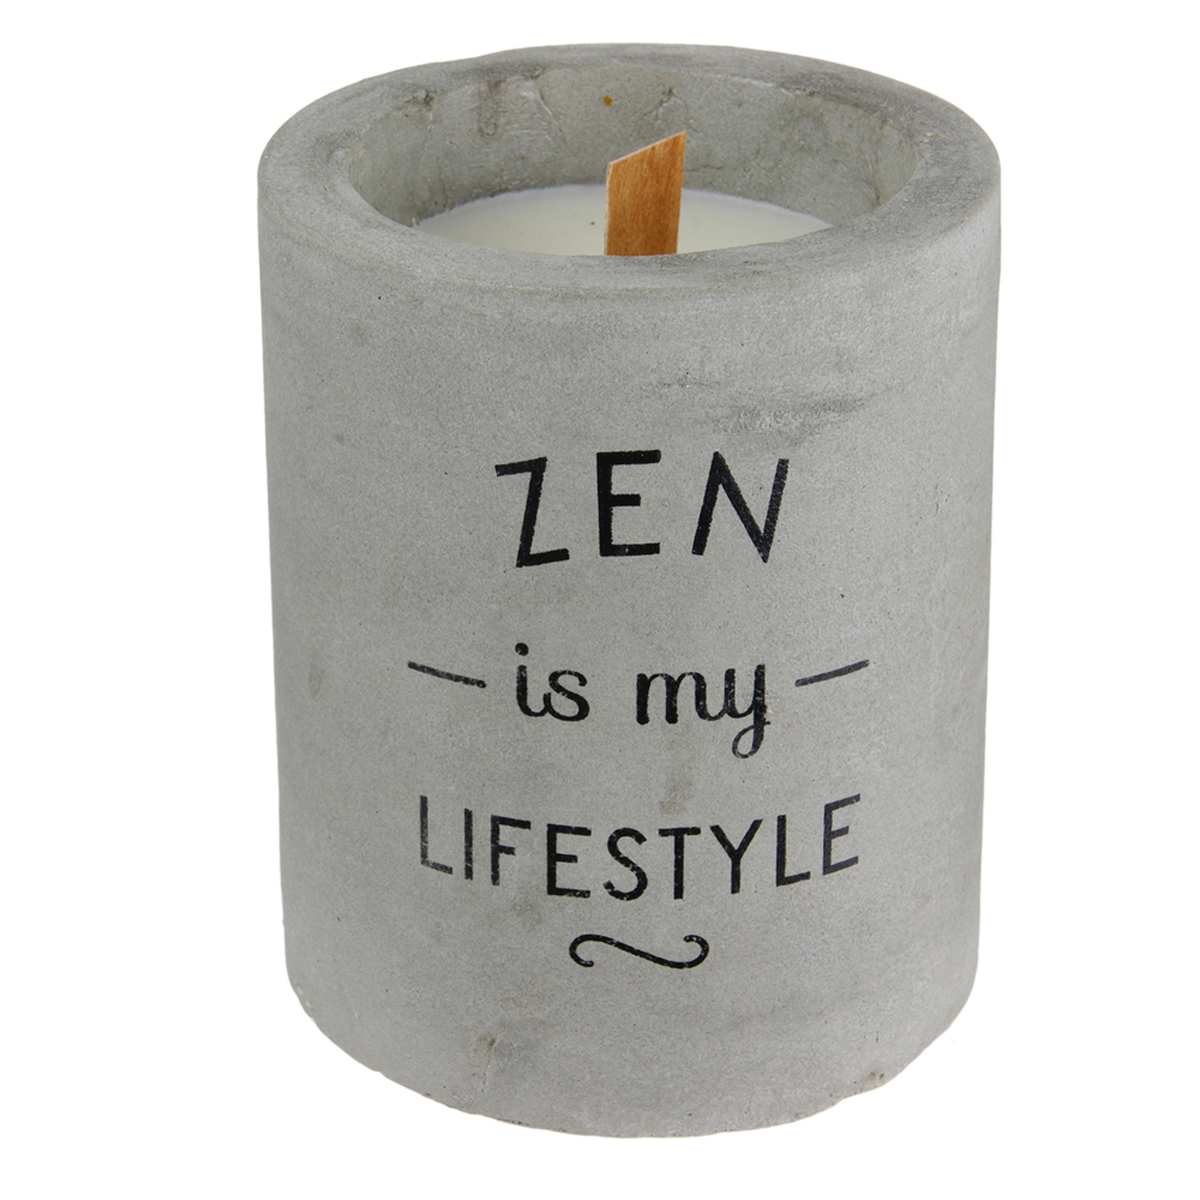 Bougie parfumée \'Ciment\' (Zen is my lifestyle) - 10x8 cm (linge frais) - [A1214]